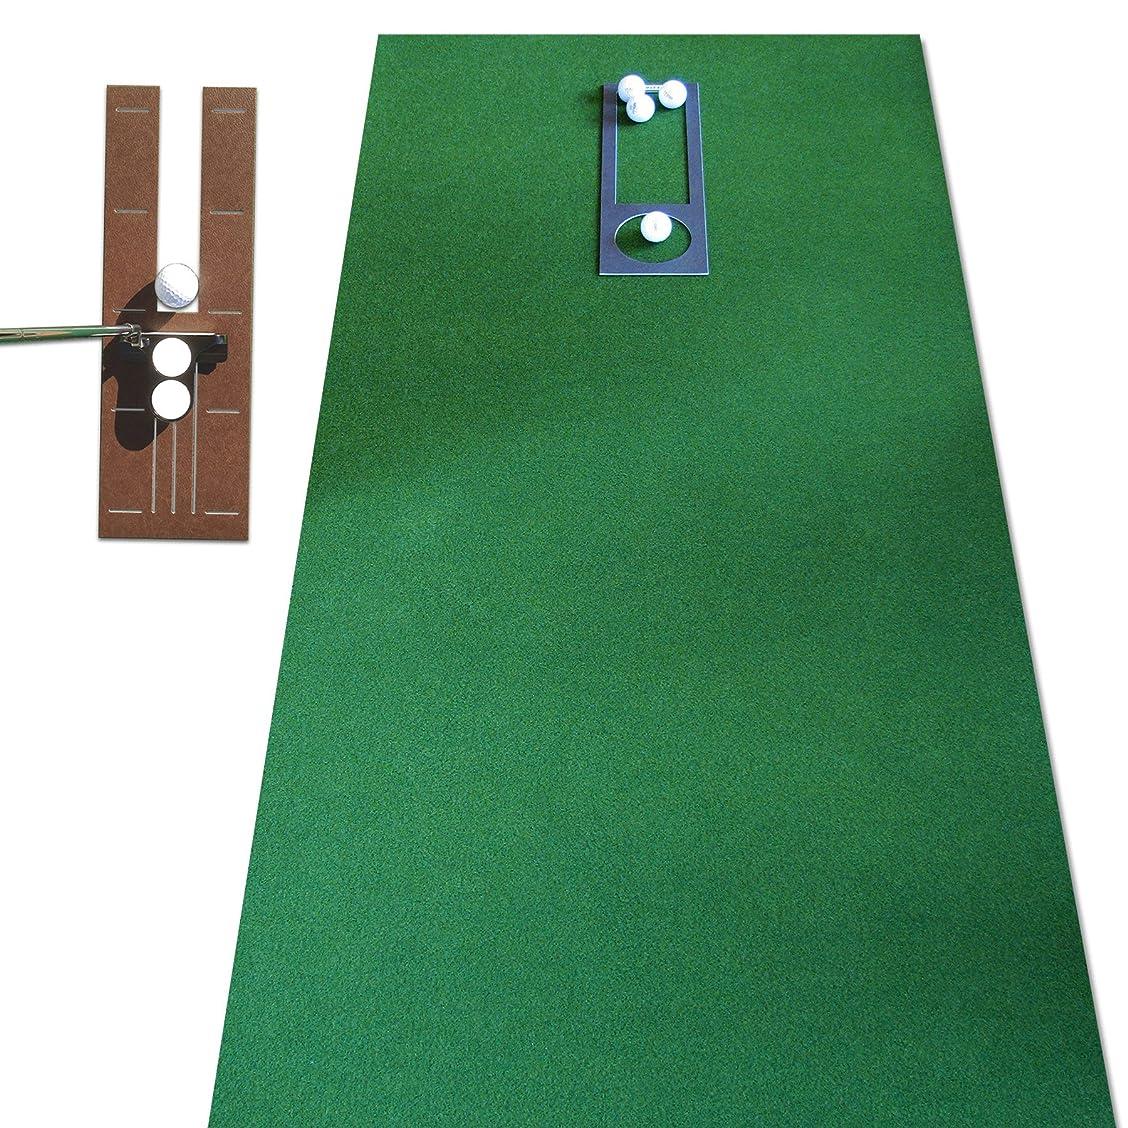 ぺディカブ注入夕方パット練習システムSB-90cm×5m(まっすぐぱっと付き)パターマット工房PROゴルフショップ